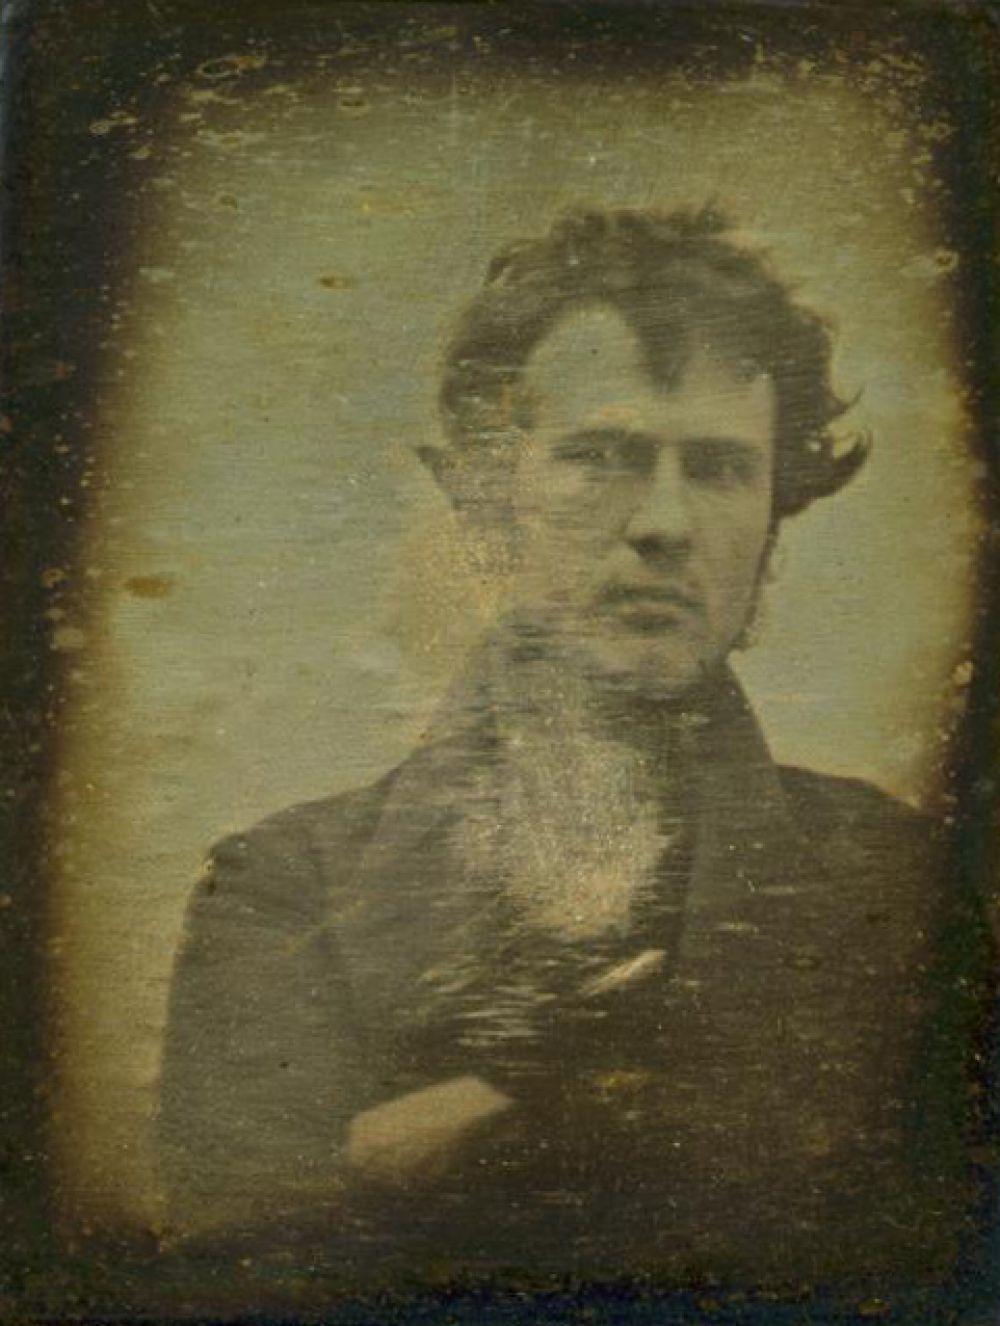 Первое селфи в истории: автофотопортрет, сделанный Робертом Корнелиусом 1839 году.